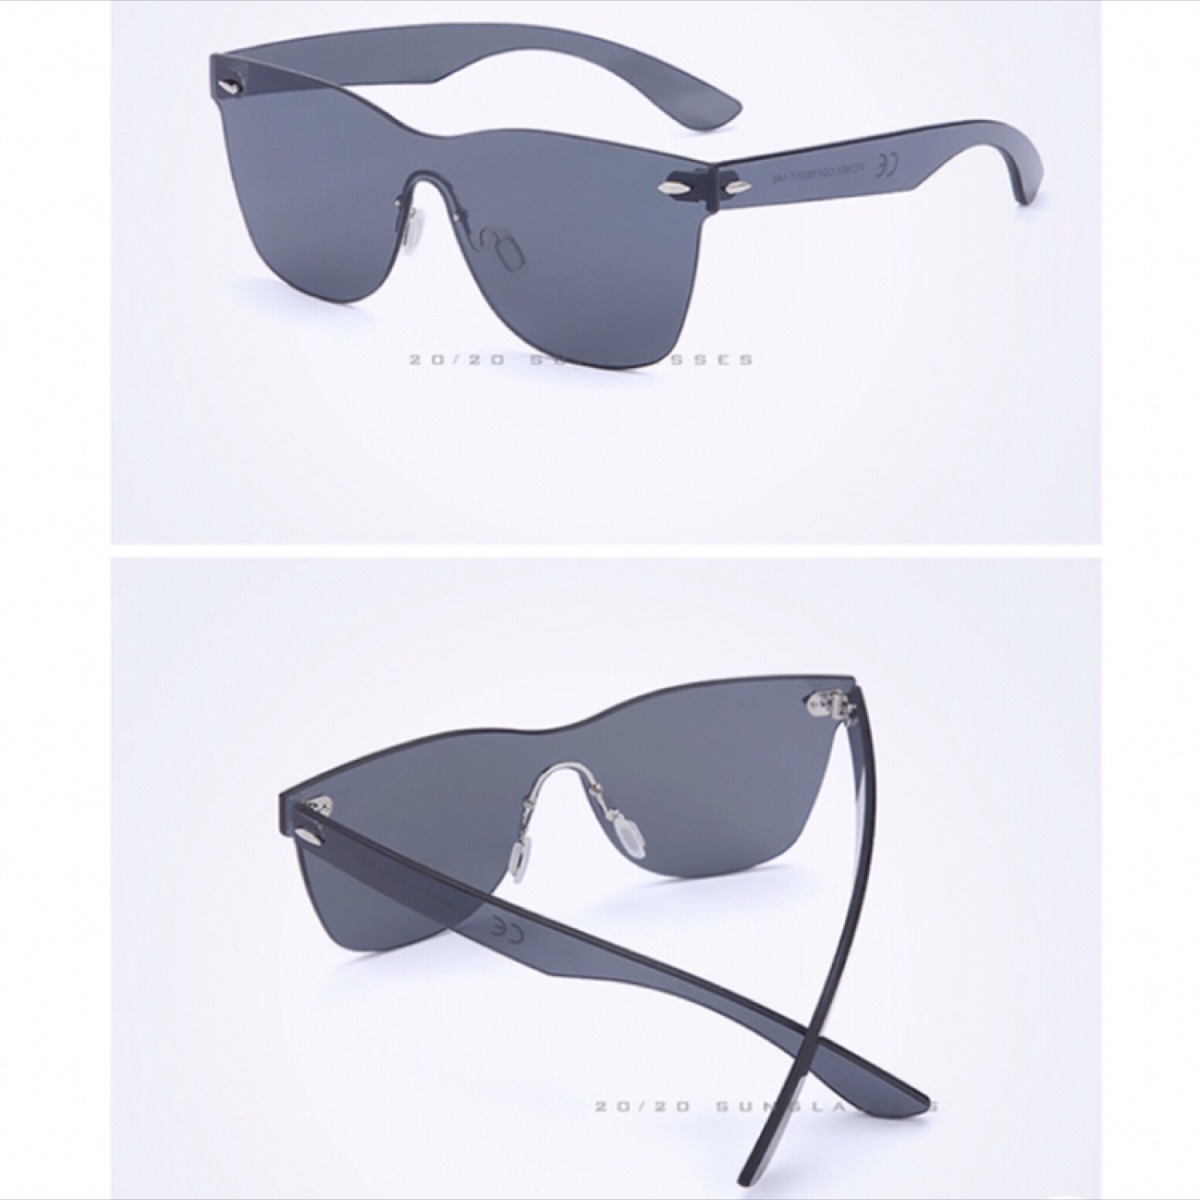 a6edd27de Óculos Lente Plana Espelhado Polarizada Black Sem Aro - R  199